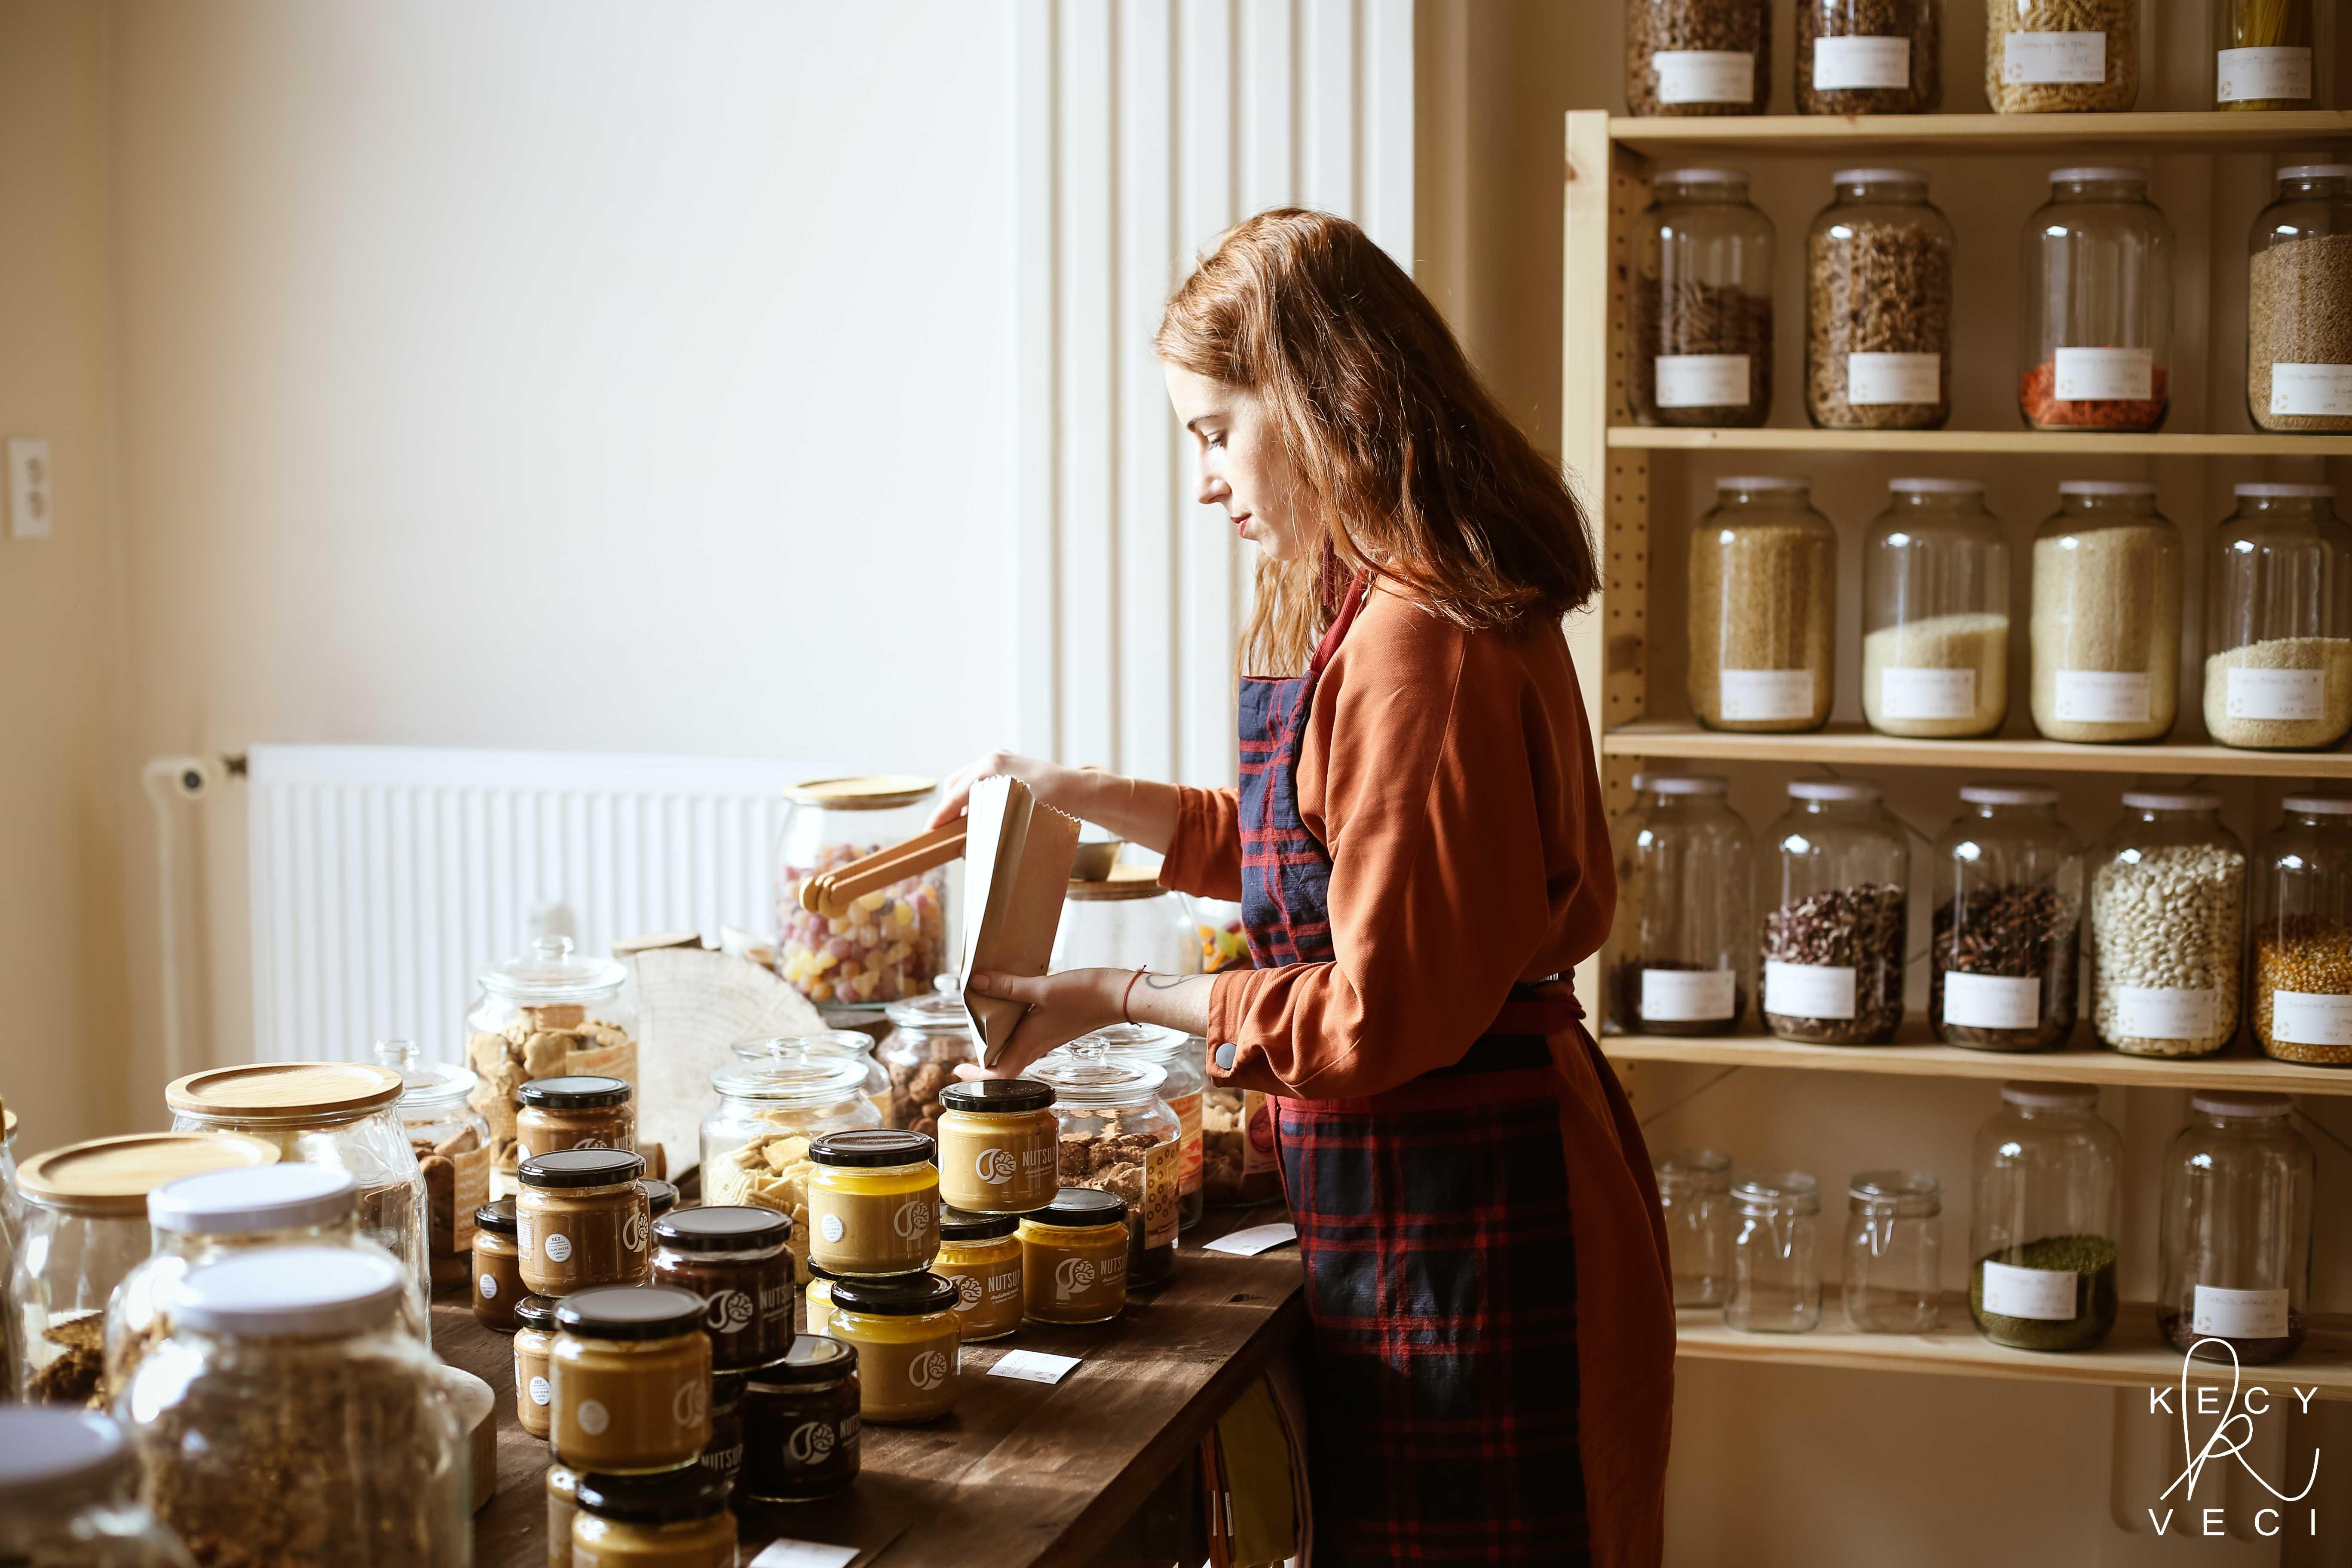 Načo obal – ekologické nakupovanie do svojho